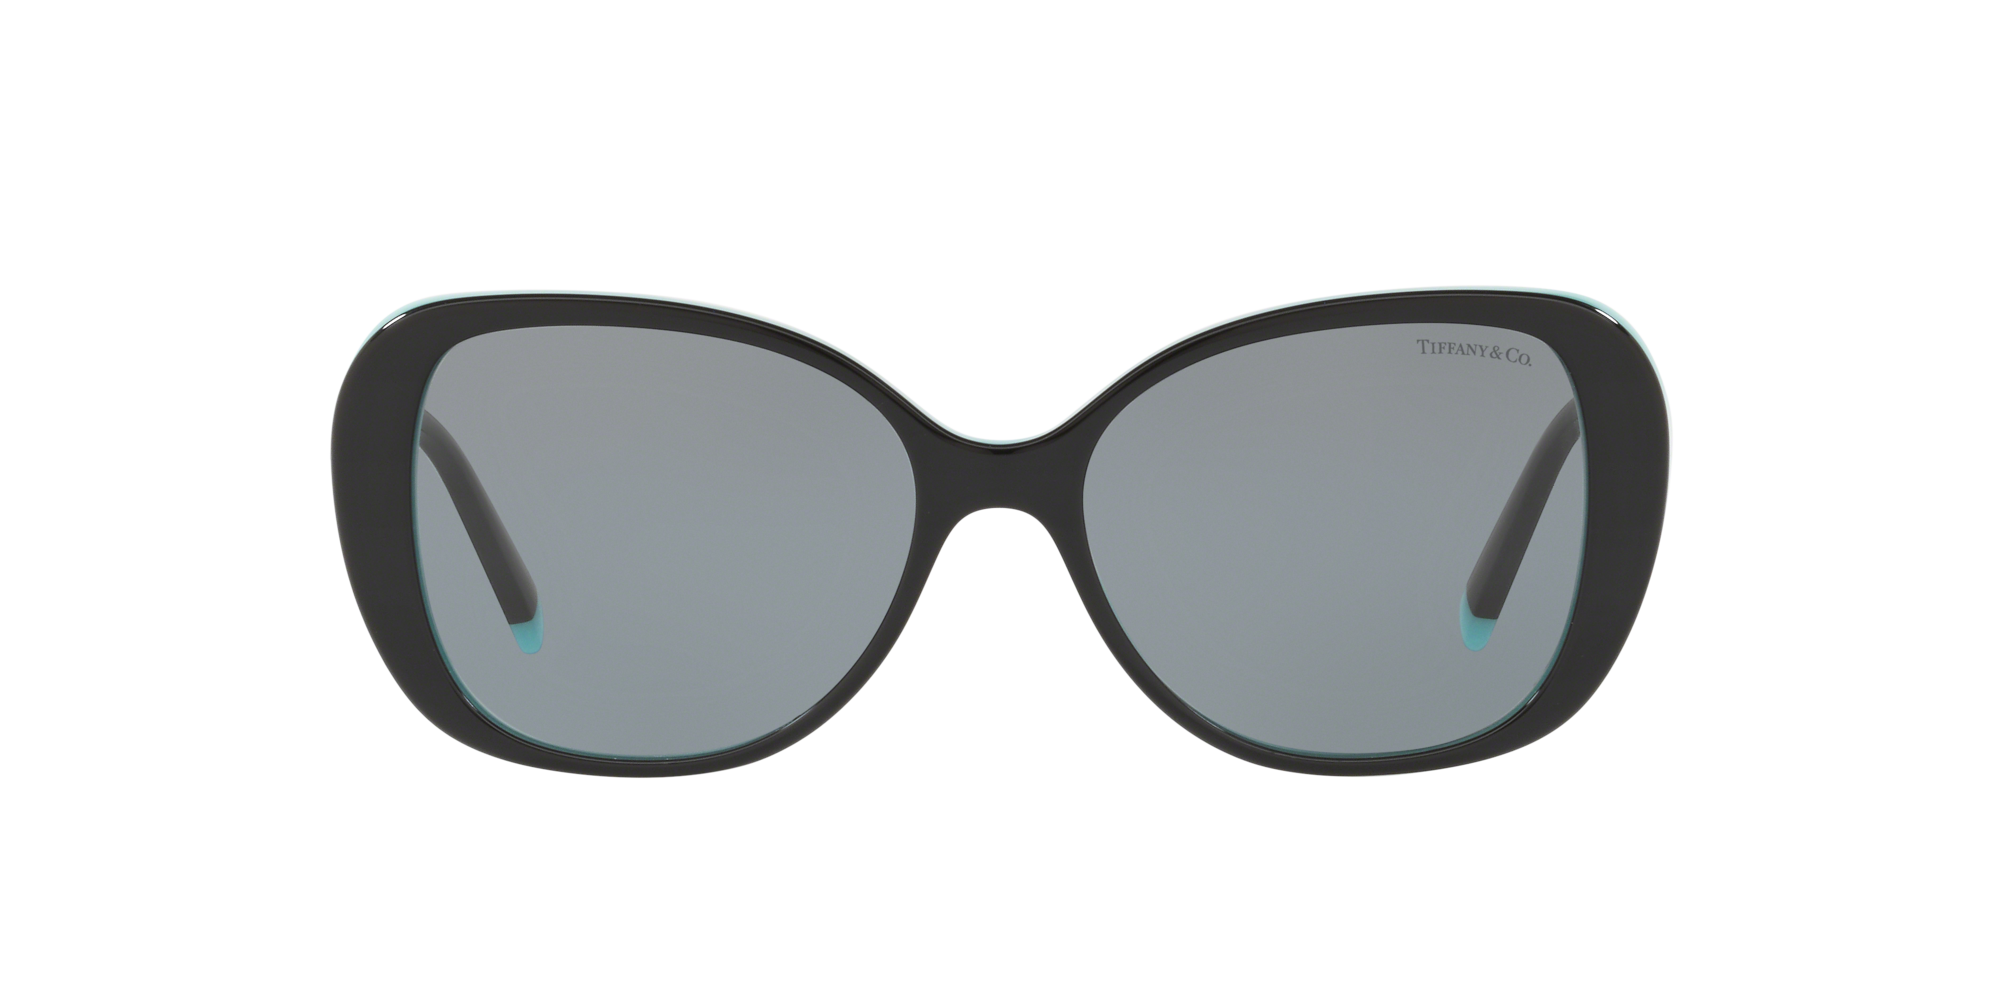 Imagen para TF4156 55 de LensCrafters    Espejuelos, espejuelos graduados en línea, gafas